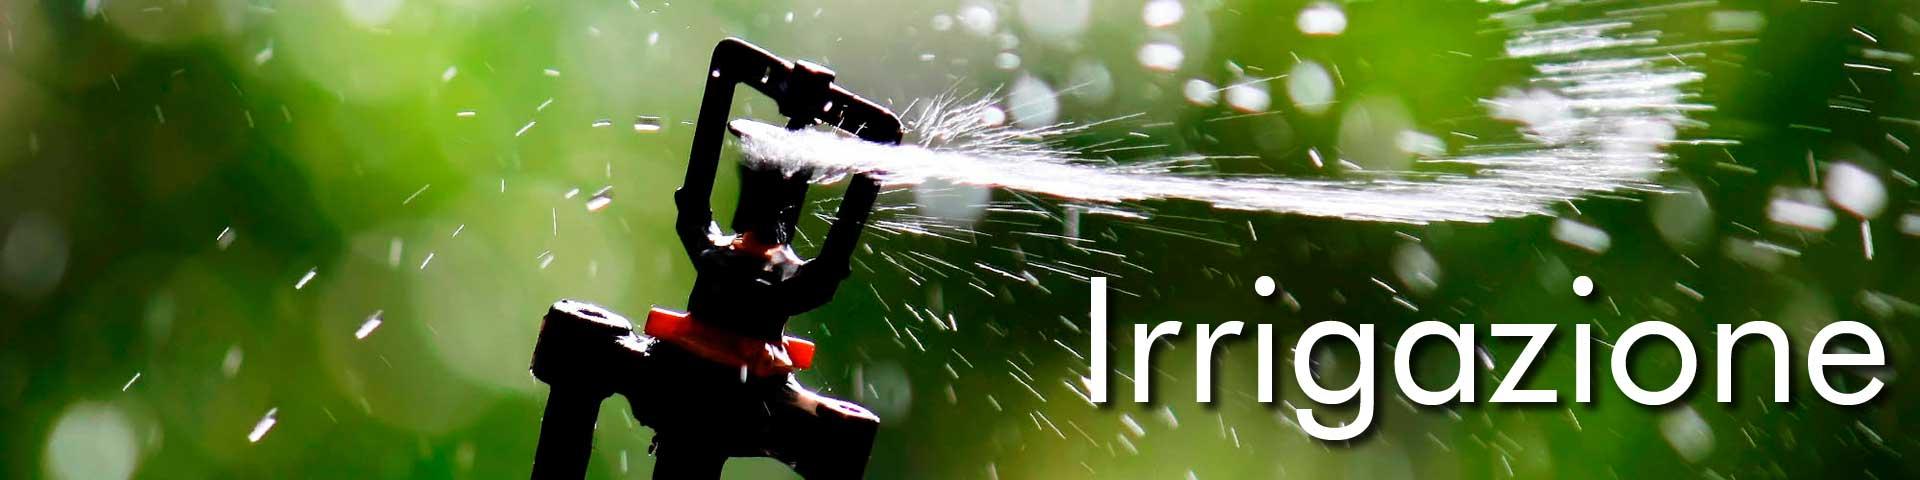 Vendita online irrigazione - Attrezzatura, attrezzi, prodotti e accessori per irrigazione